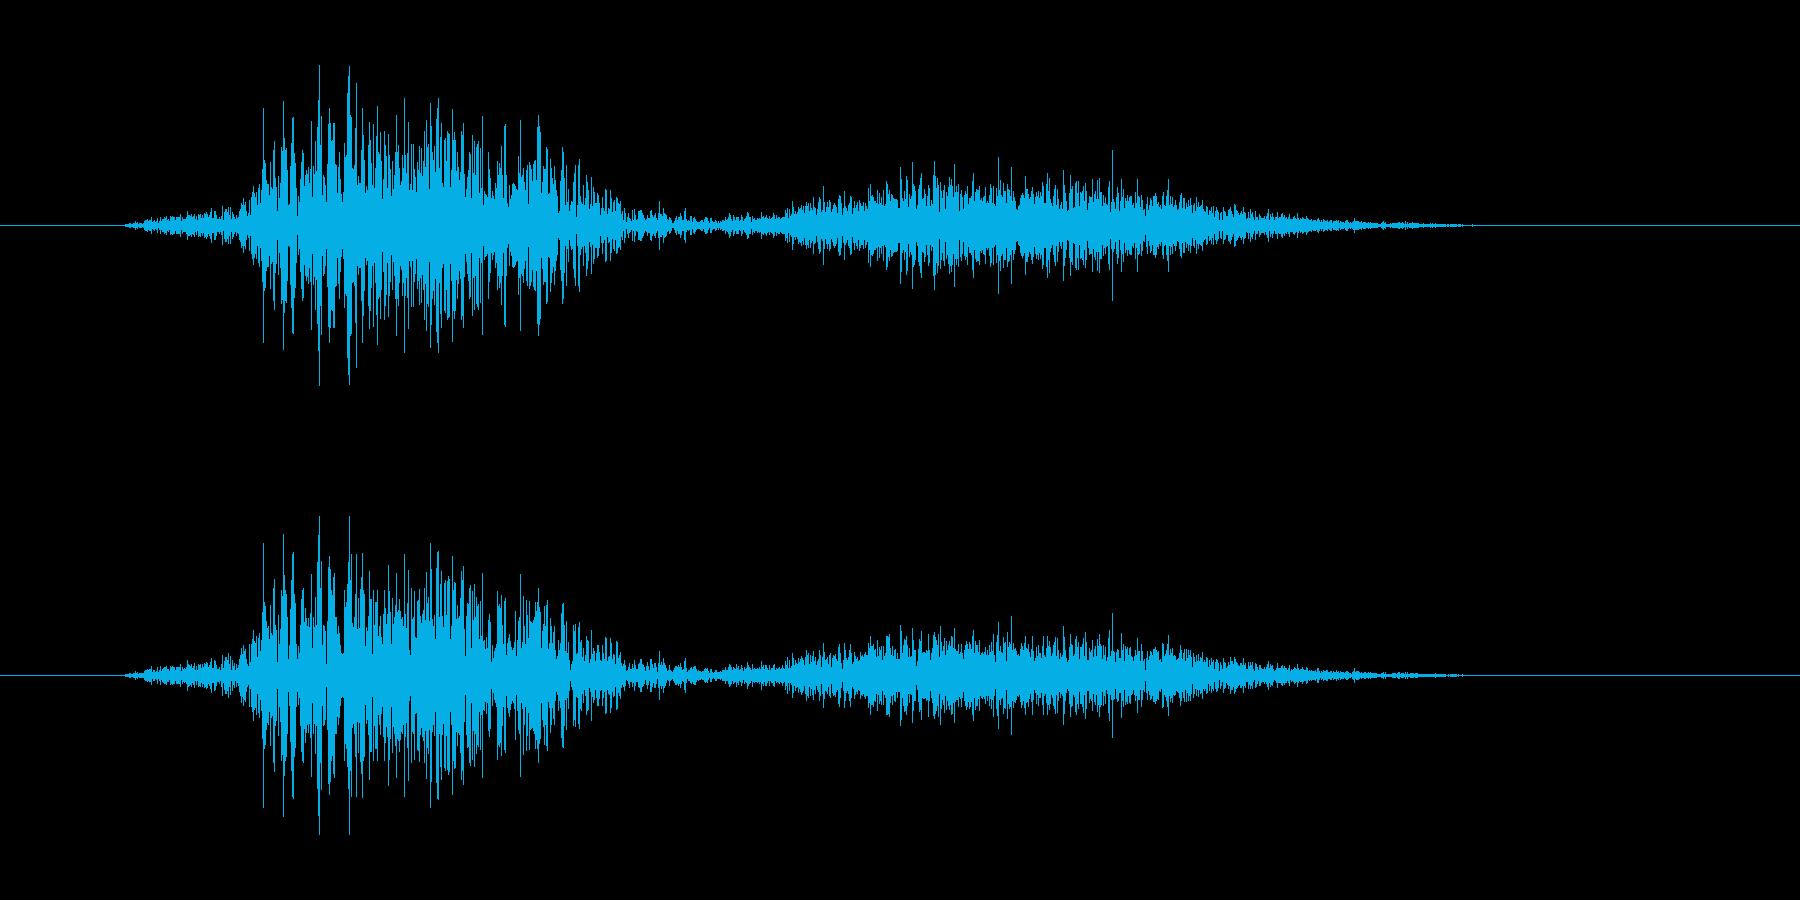 侍魂溢れる和風掛け声「発(Hatsu)」の再生済みの波形